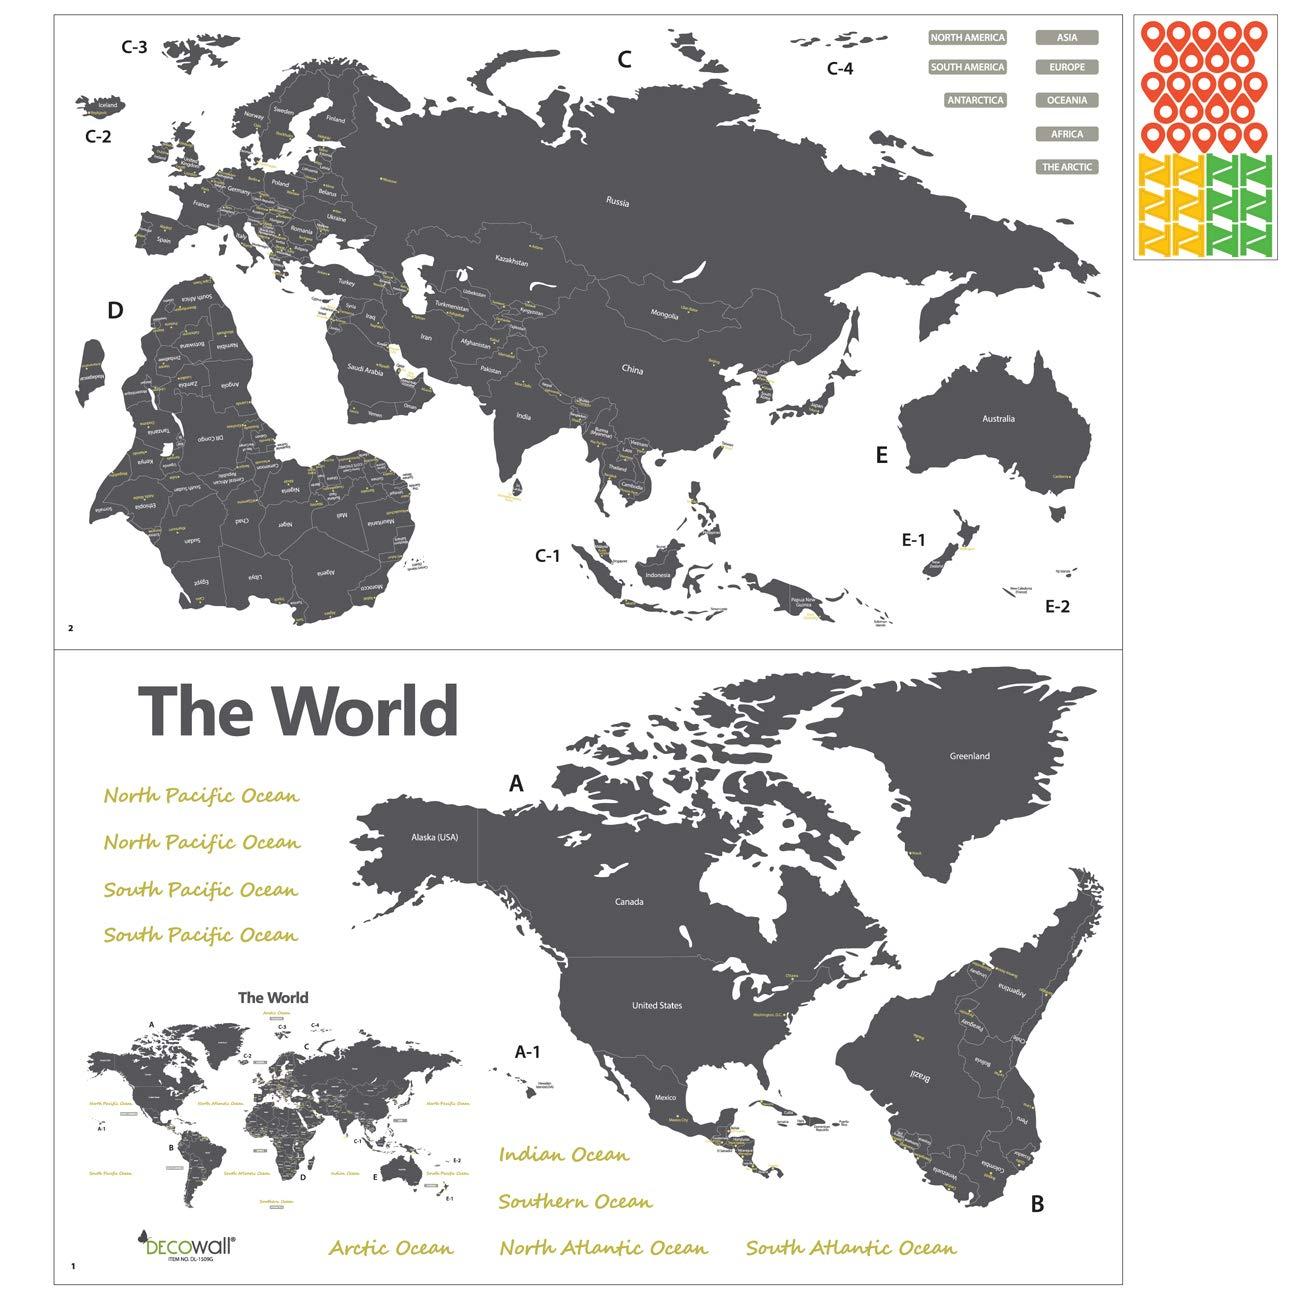 Gro/ß Englisch Ver. DECOWALL DL-1509G Moderne Graue Weltkarte Wandtattoo Wandsticker Wandaufkleber Wanddeko f/ür Wohnzimmer Schlafzimmer Kinderzimmer